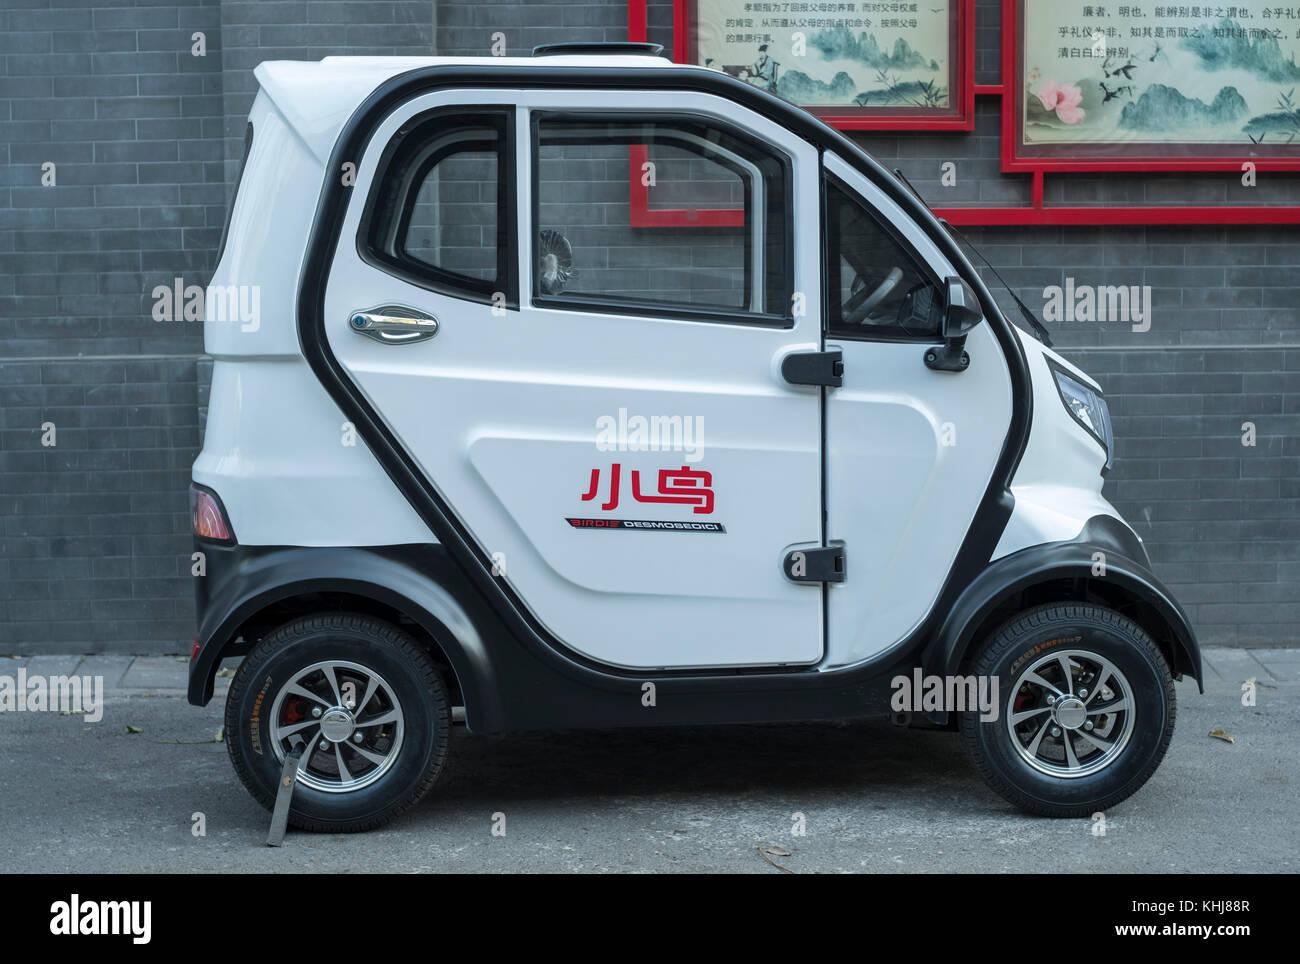 Mini coche eléctrico sin licencia es visto en Beijing, China. Imagen De Stock